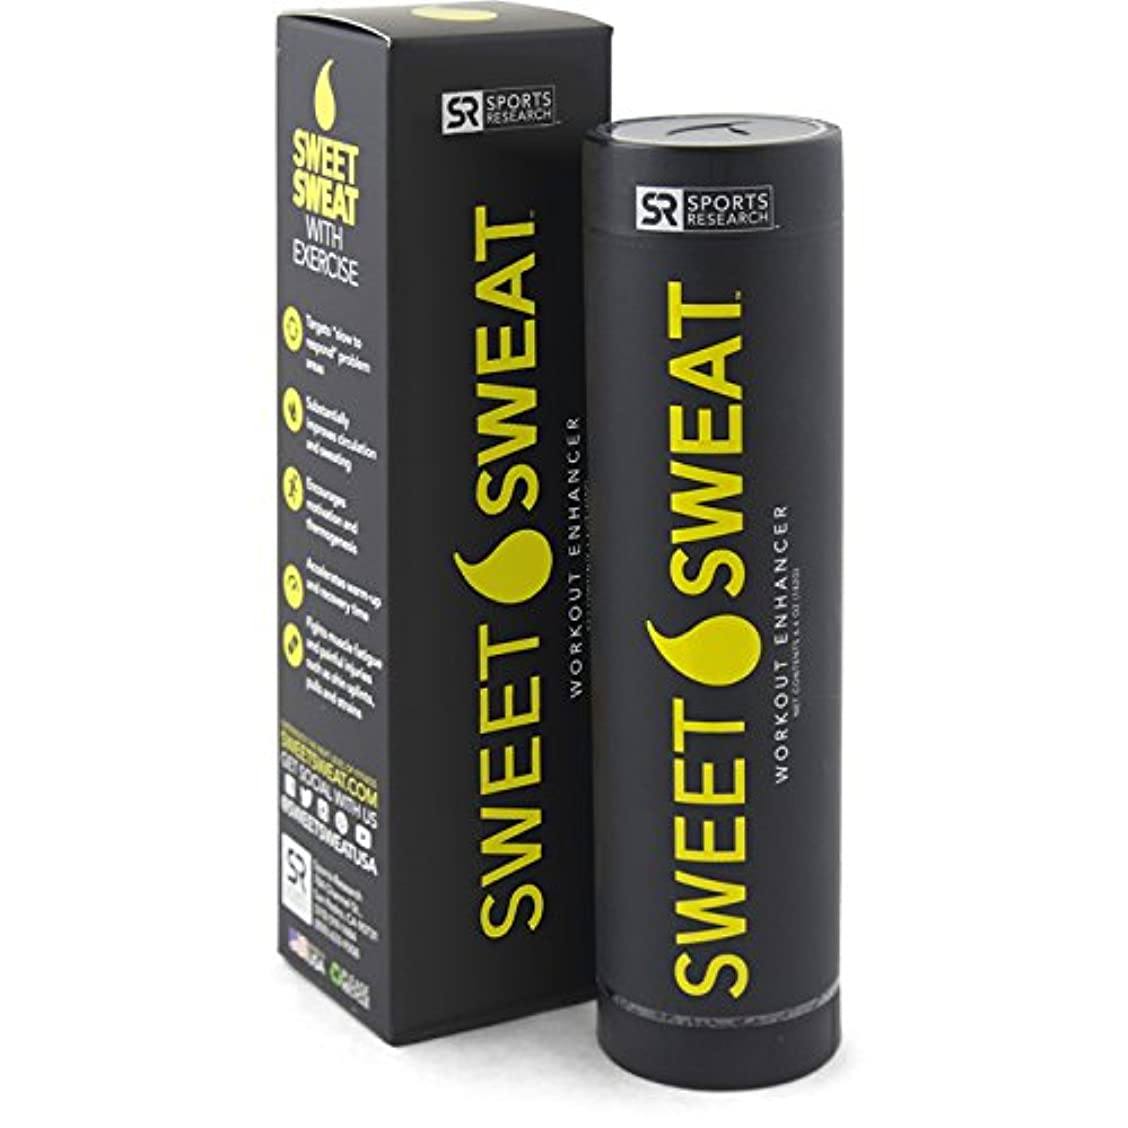 プロット百万スリットスイートスウェット(ボディクリーム)Sweet Sweat Stickhttpスティック型クリーム 181g[並行輸入品]